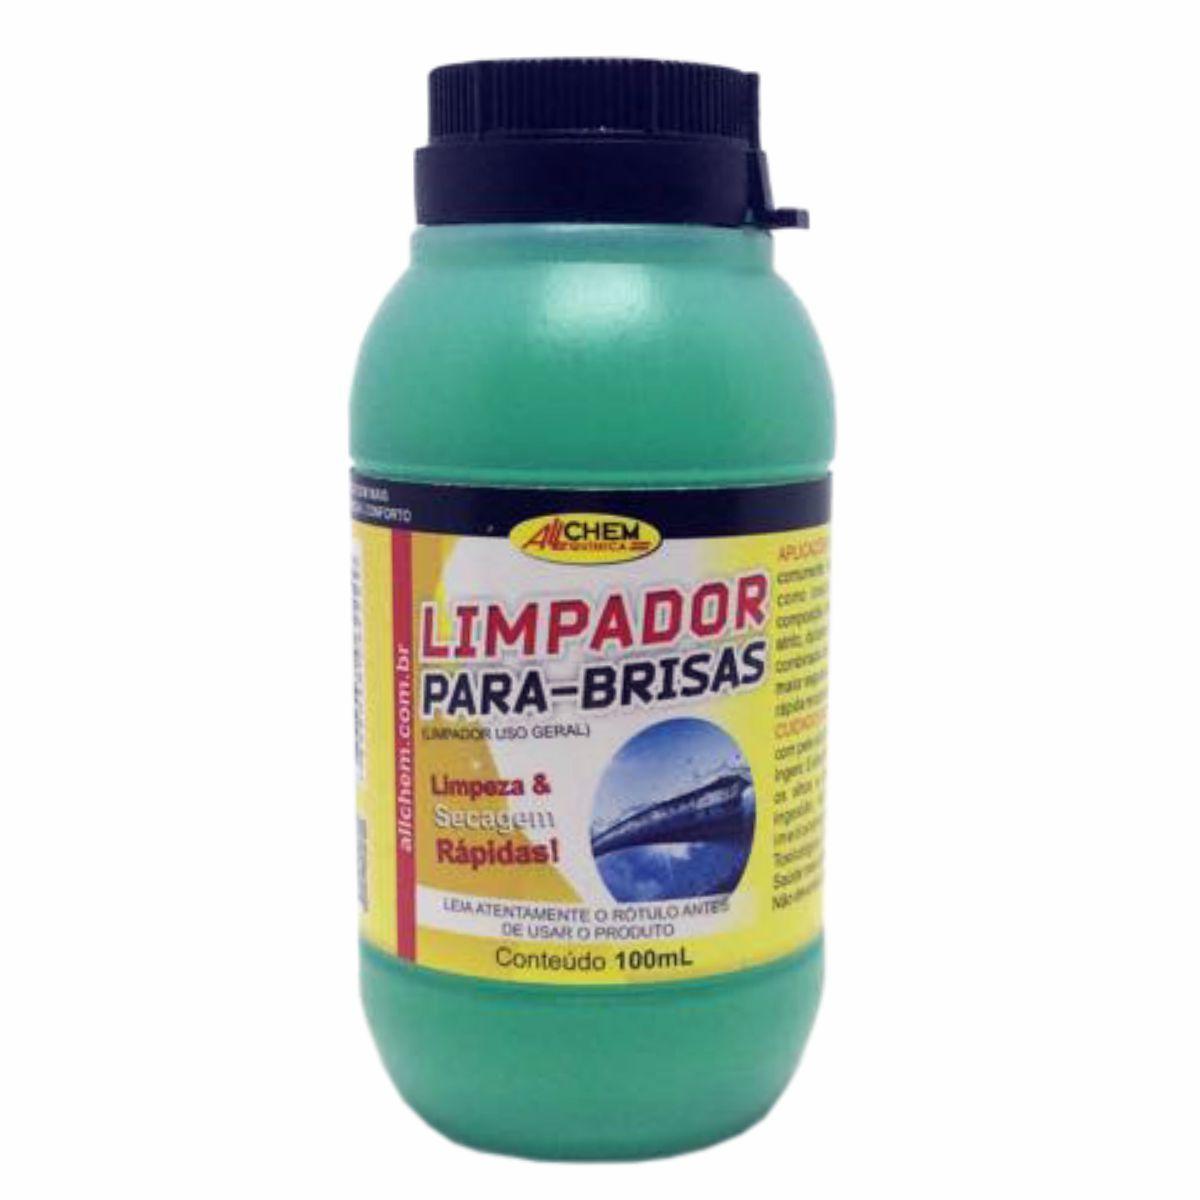 Limpador Parabrisas 24x100 mL